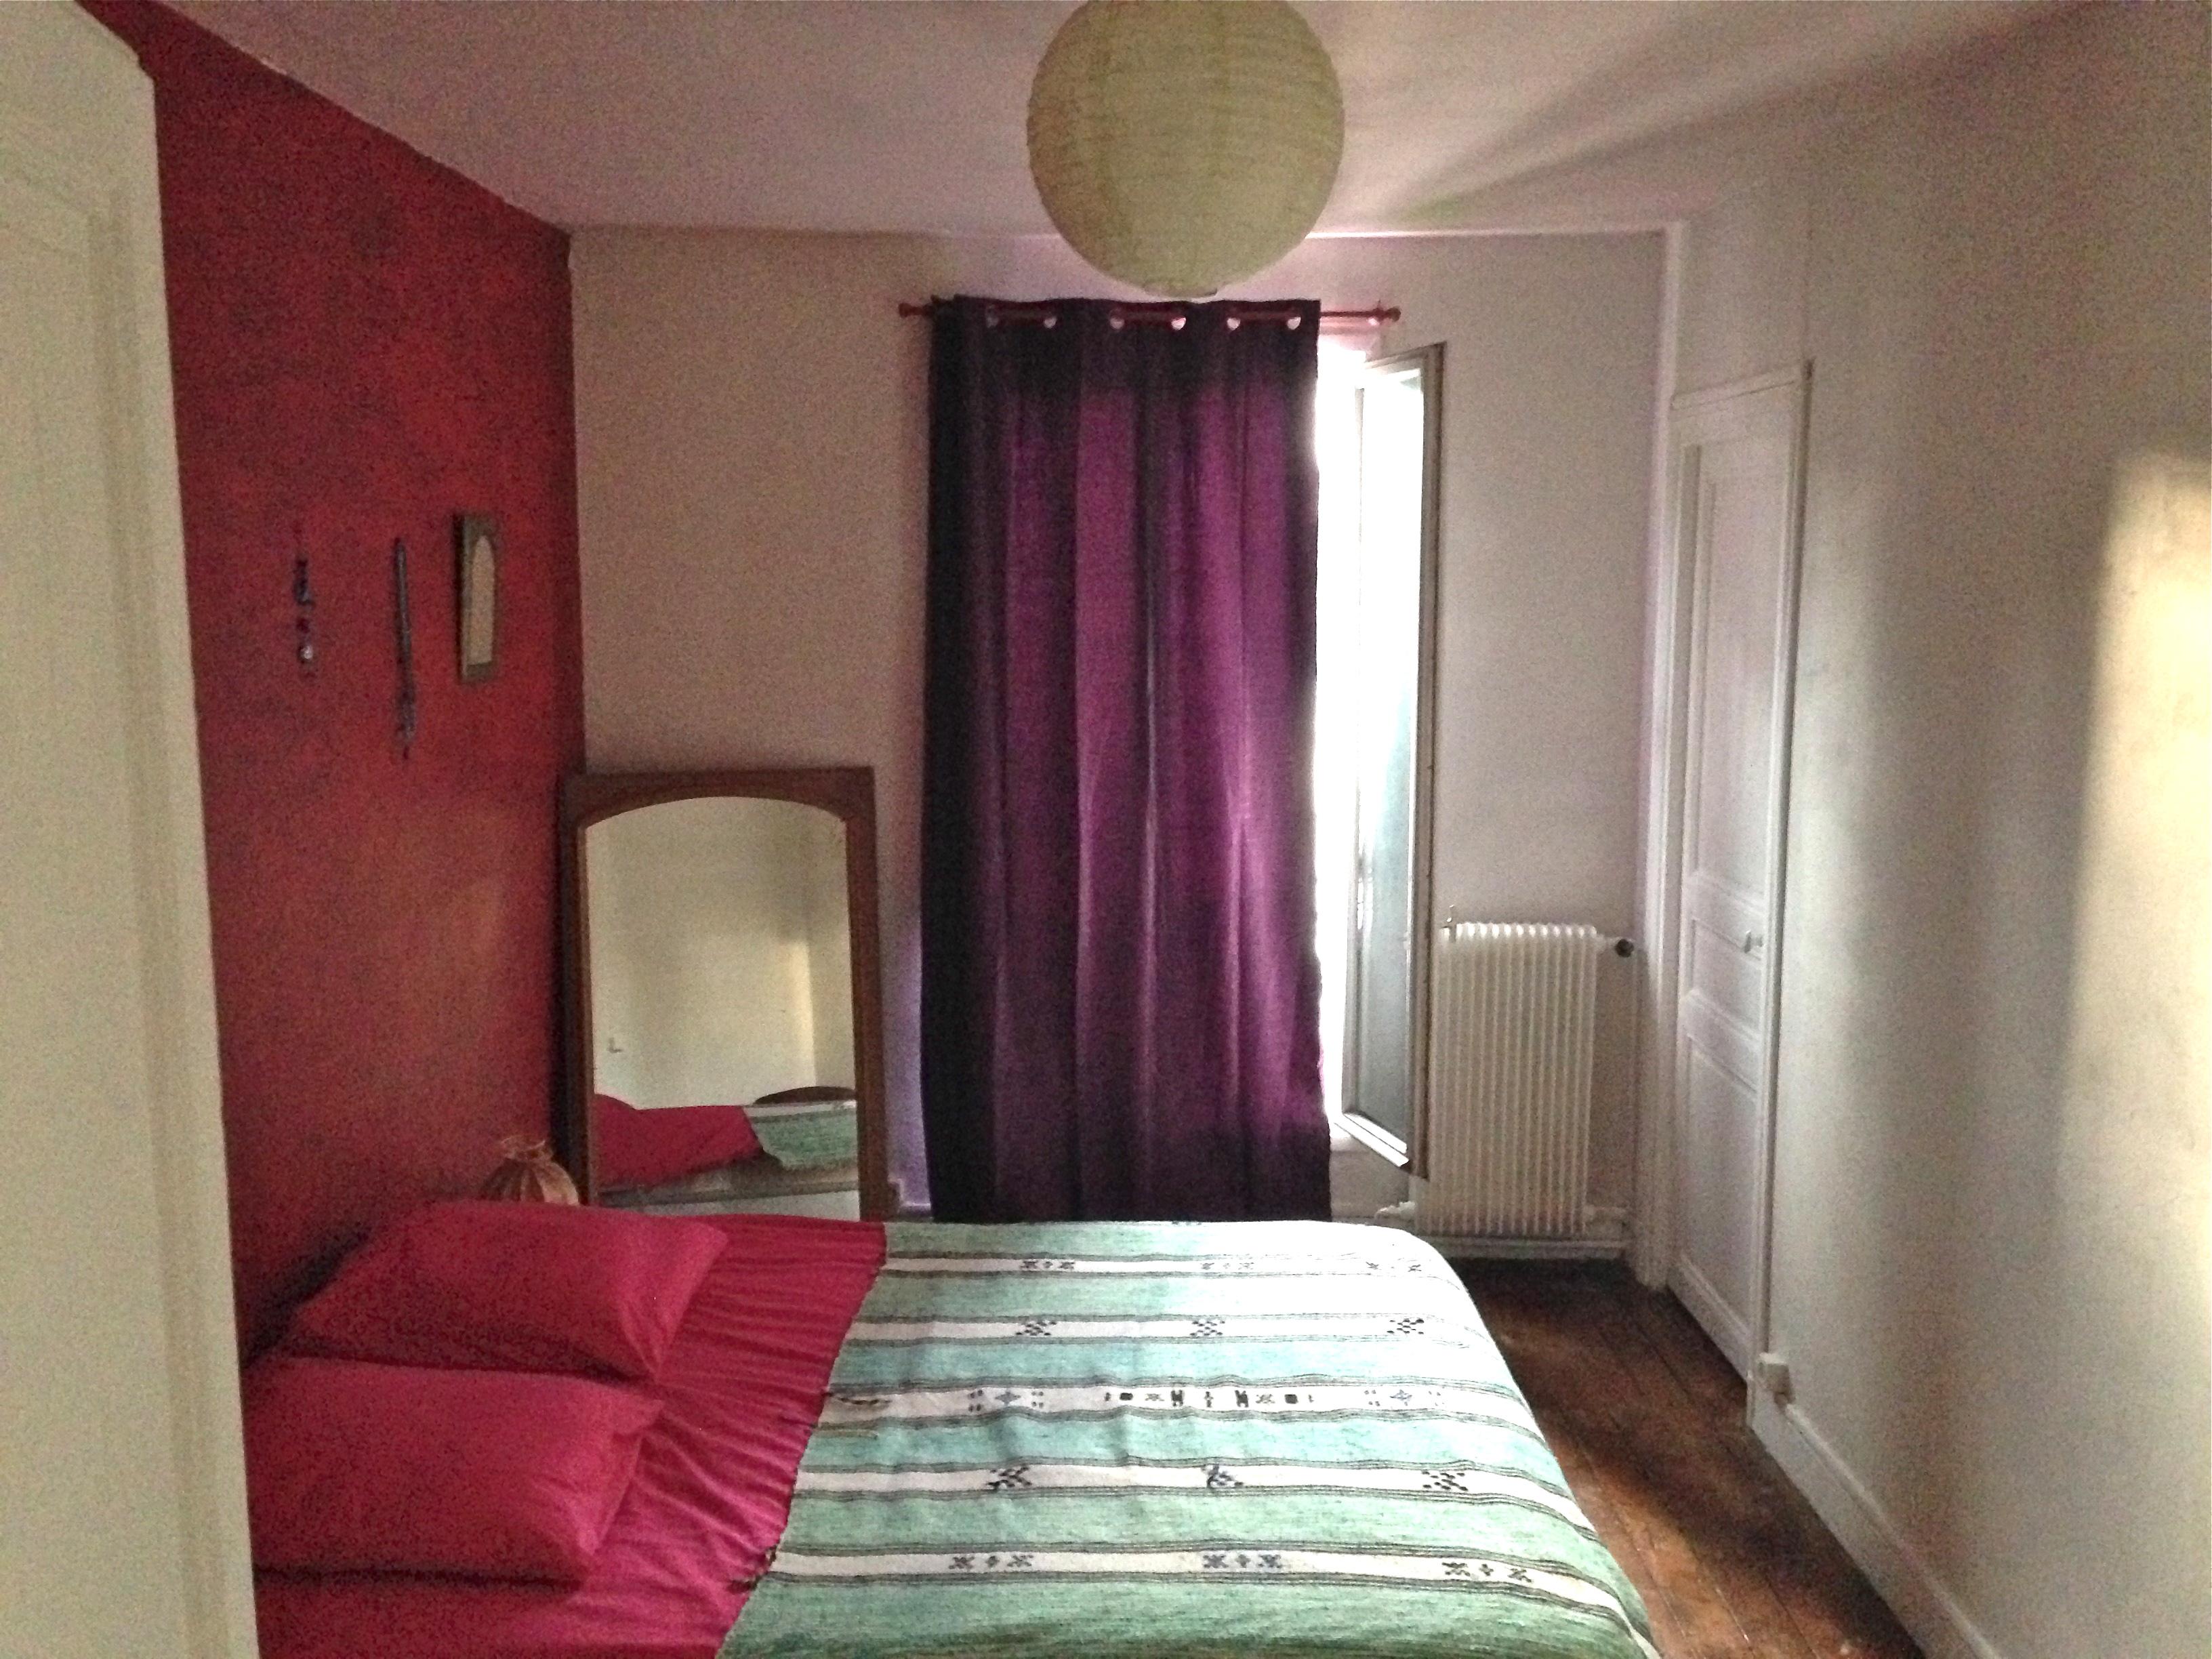 loue chambre d 39 h te courte dur e paris. Black Bedroom Furniture Sets. Home Design Ideas